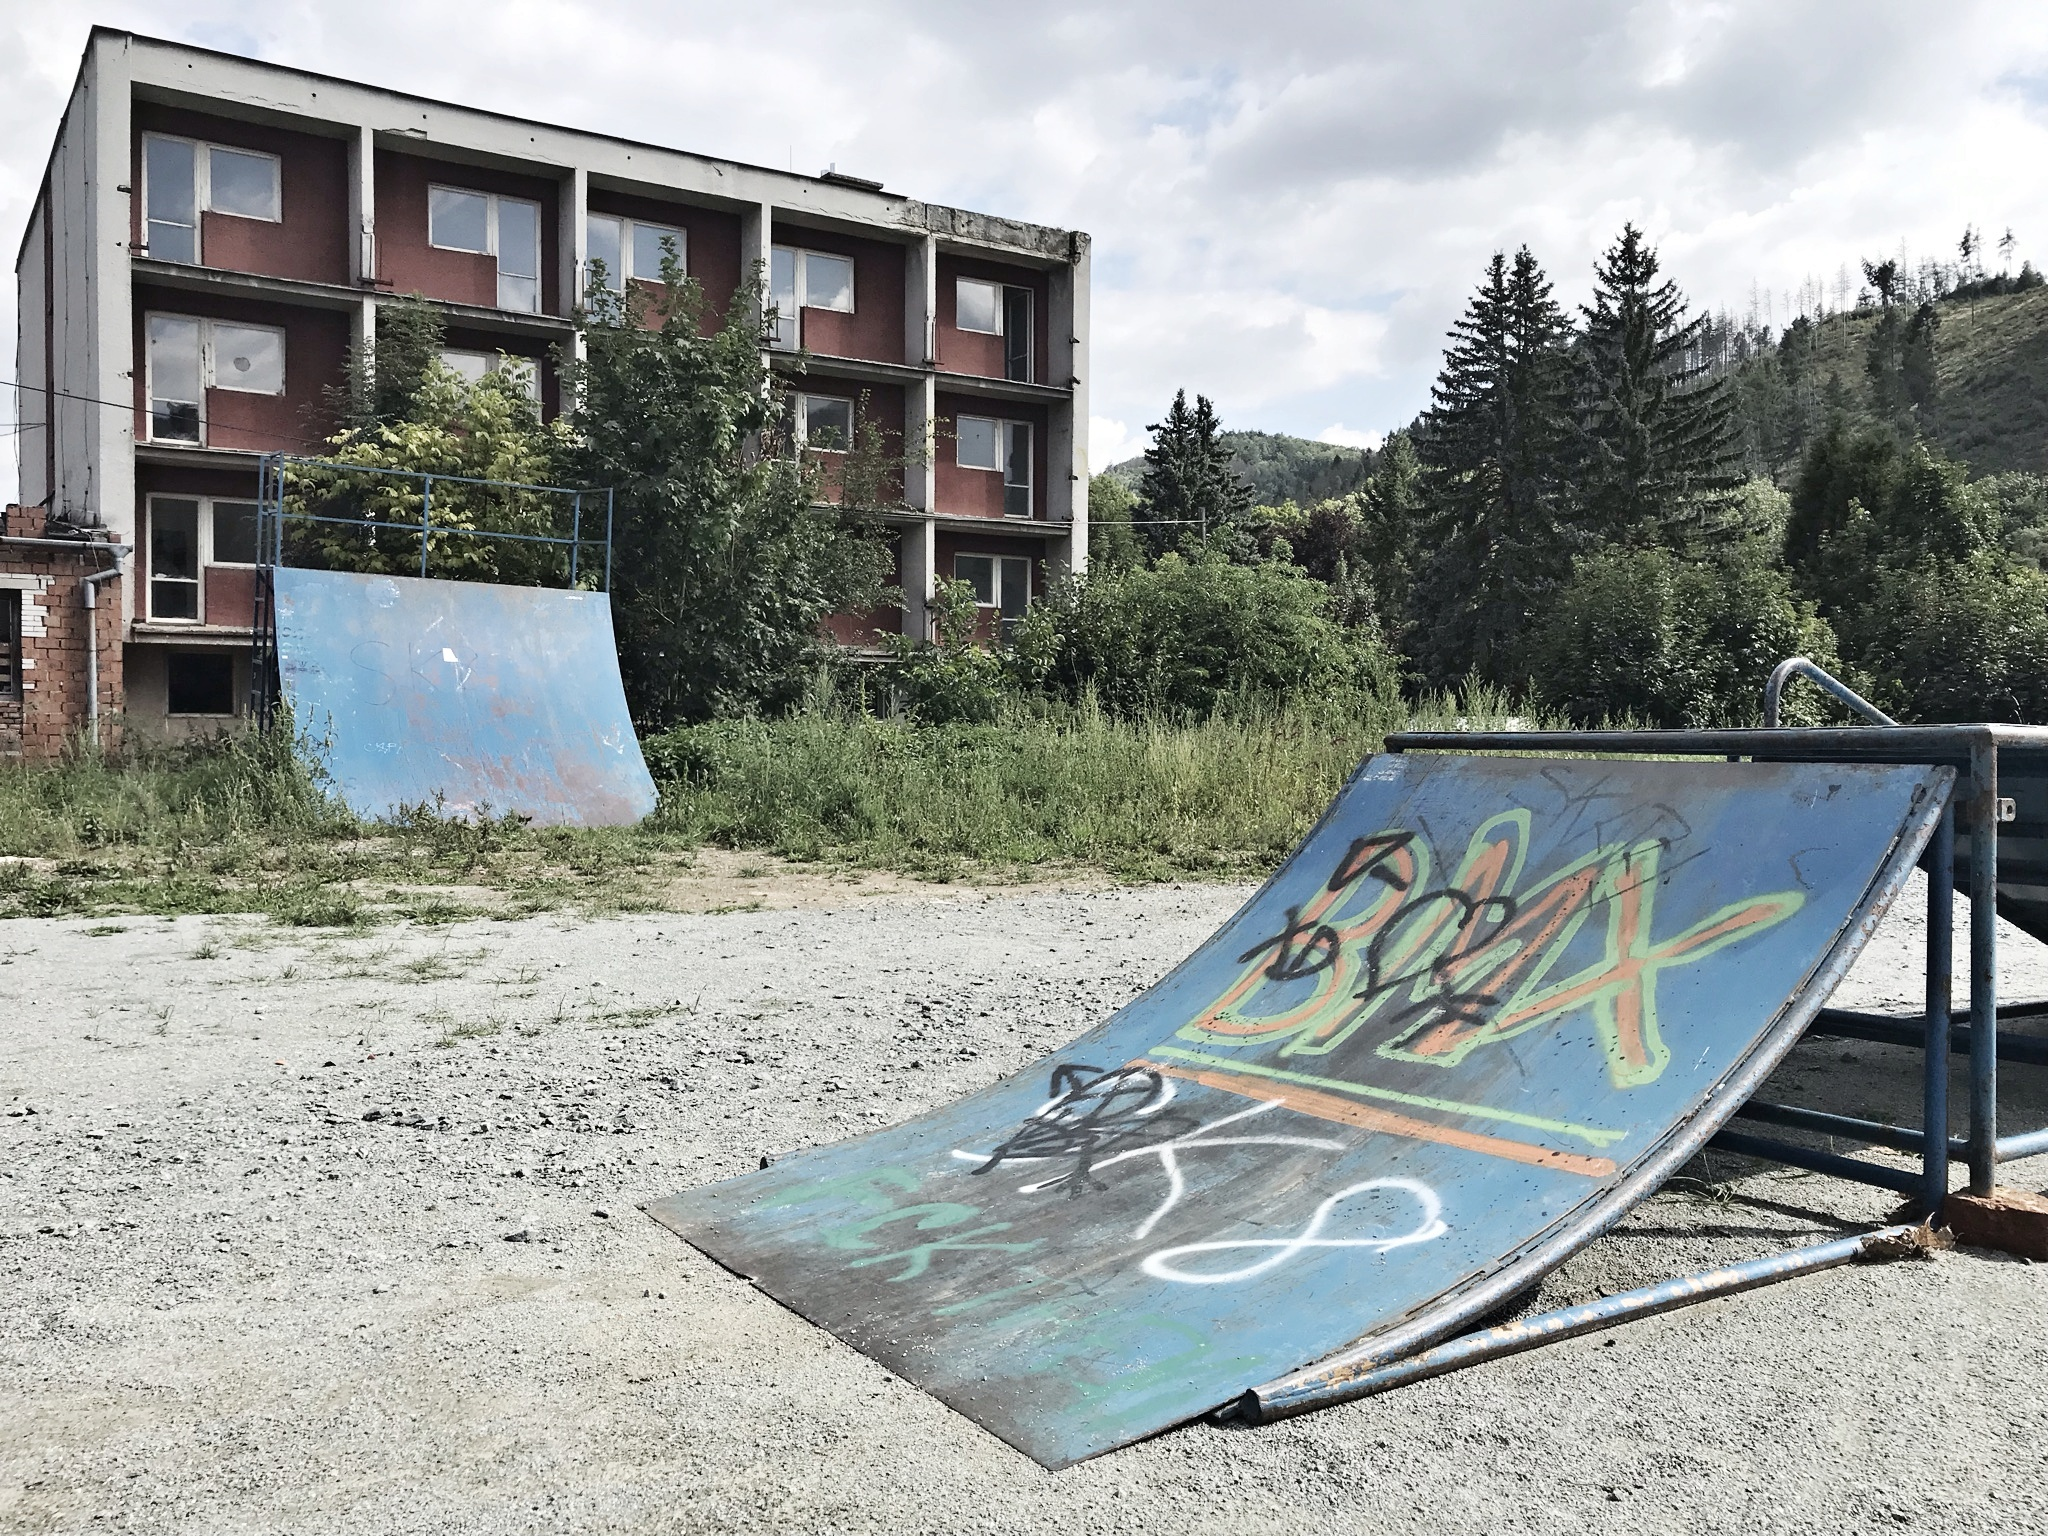 Pokroku by se konečně mohl dočkat projekt skateparku, který město chystá již přes 15 let